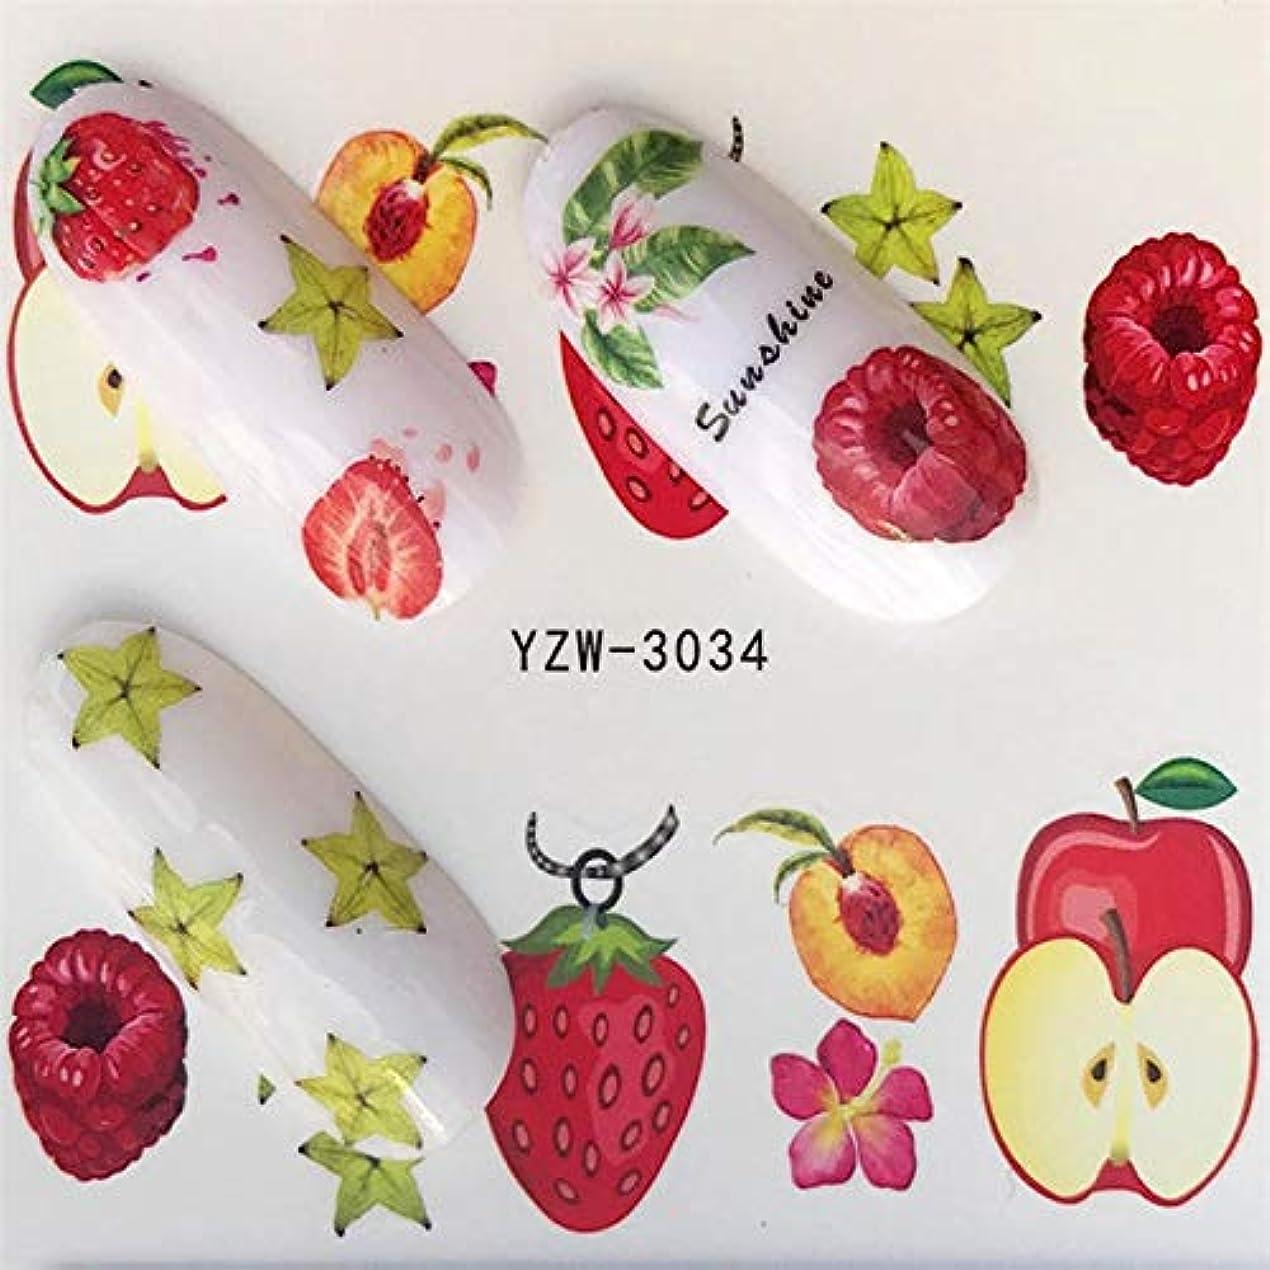 出血支配する正午CELINEZL CELINEZL 5個ウォータートランスファーステッカーデカールフラワーステッカーネイル用、色:YZW-3034